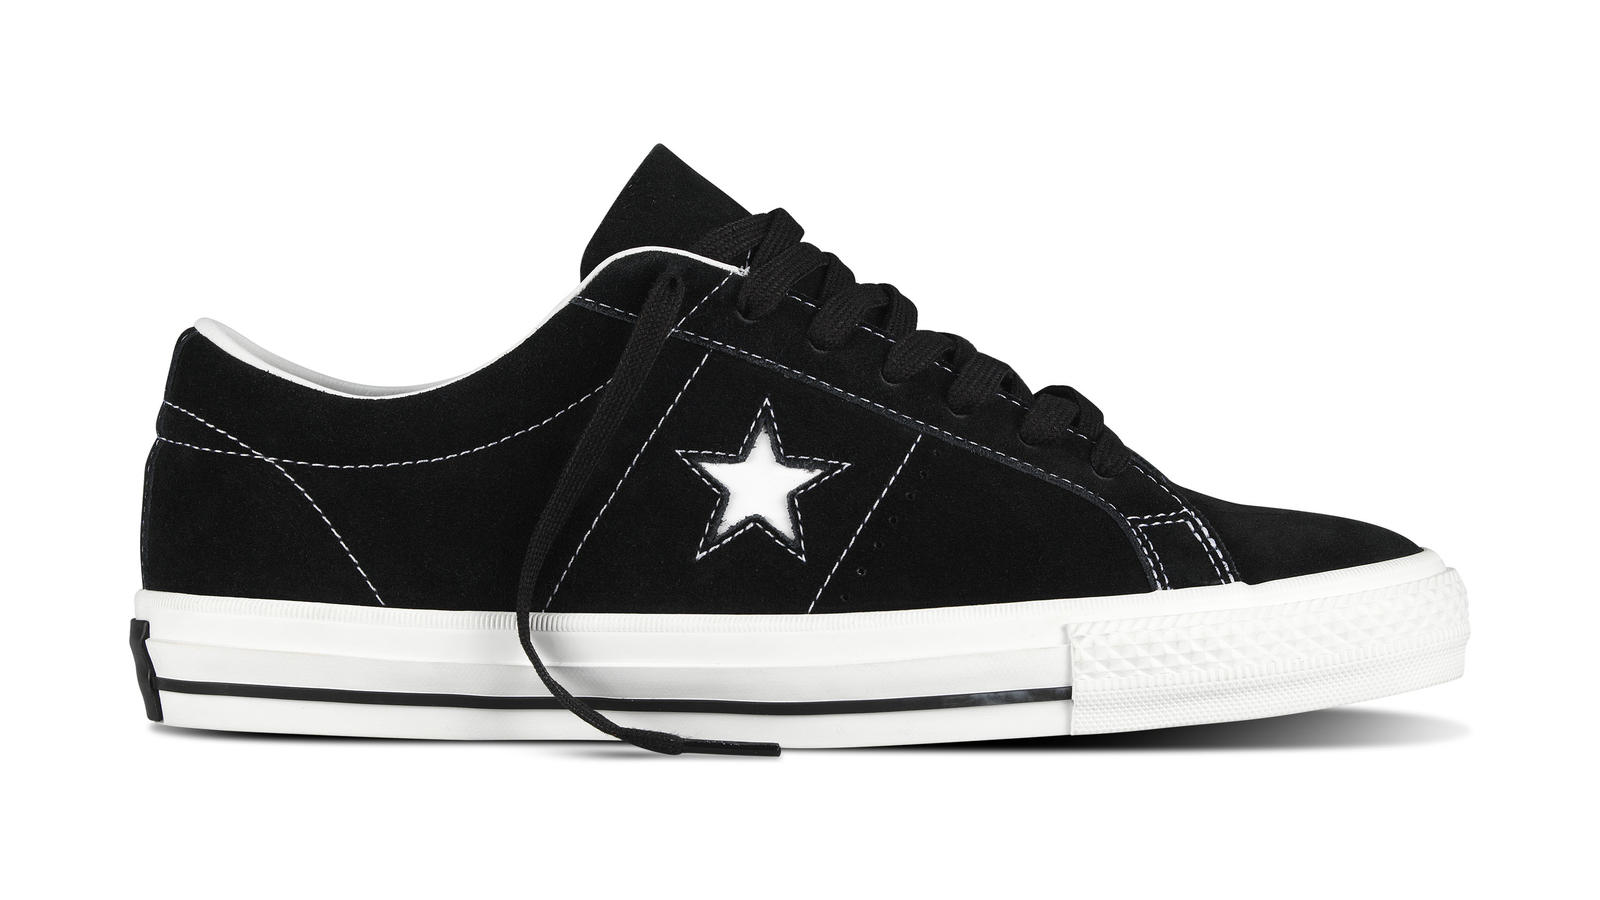 Converse Athletic Shoes Australia